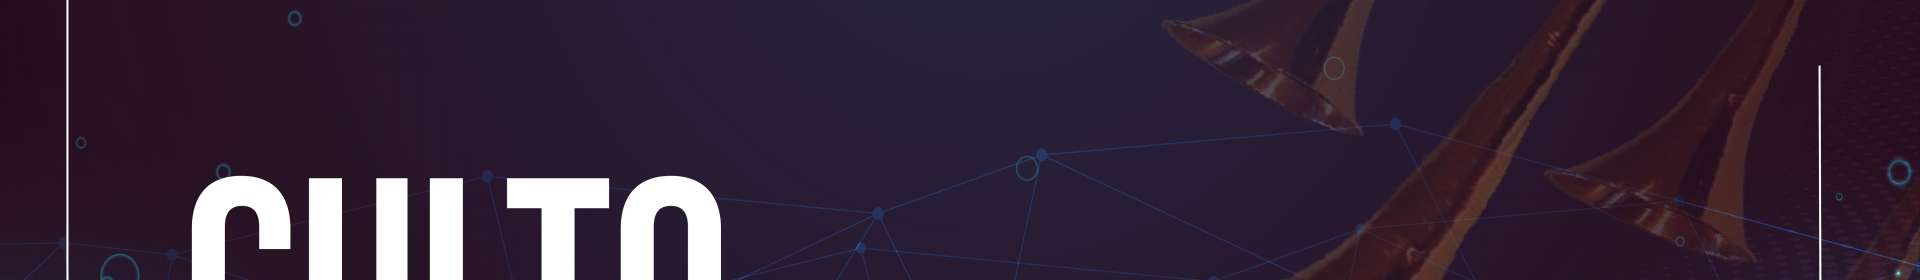 Culto via satélite exibido em 04/02/2020